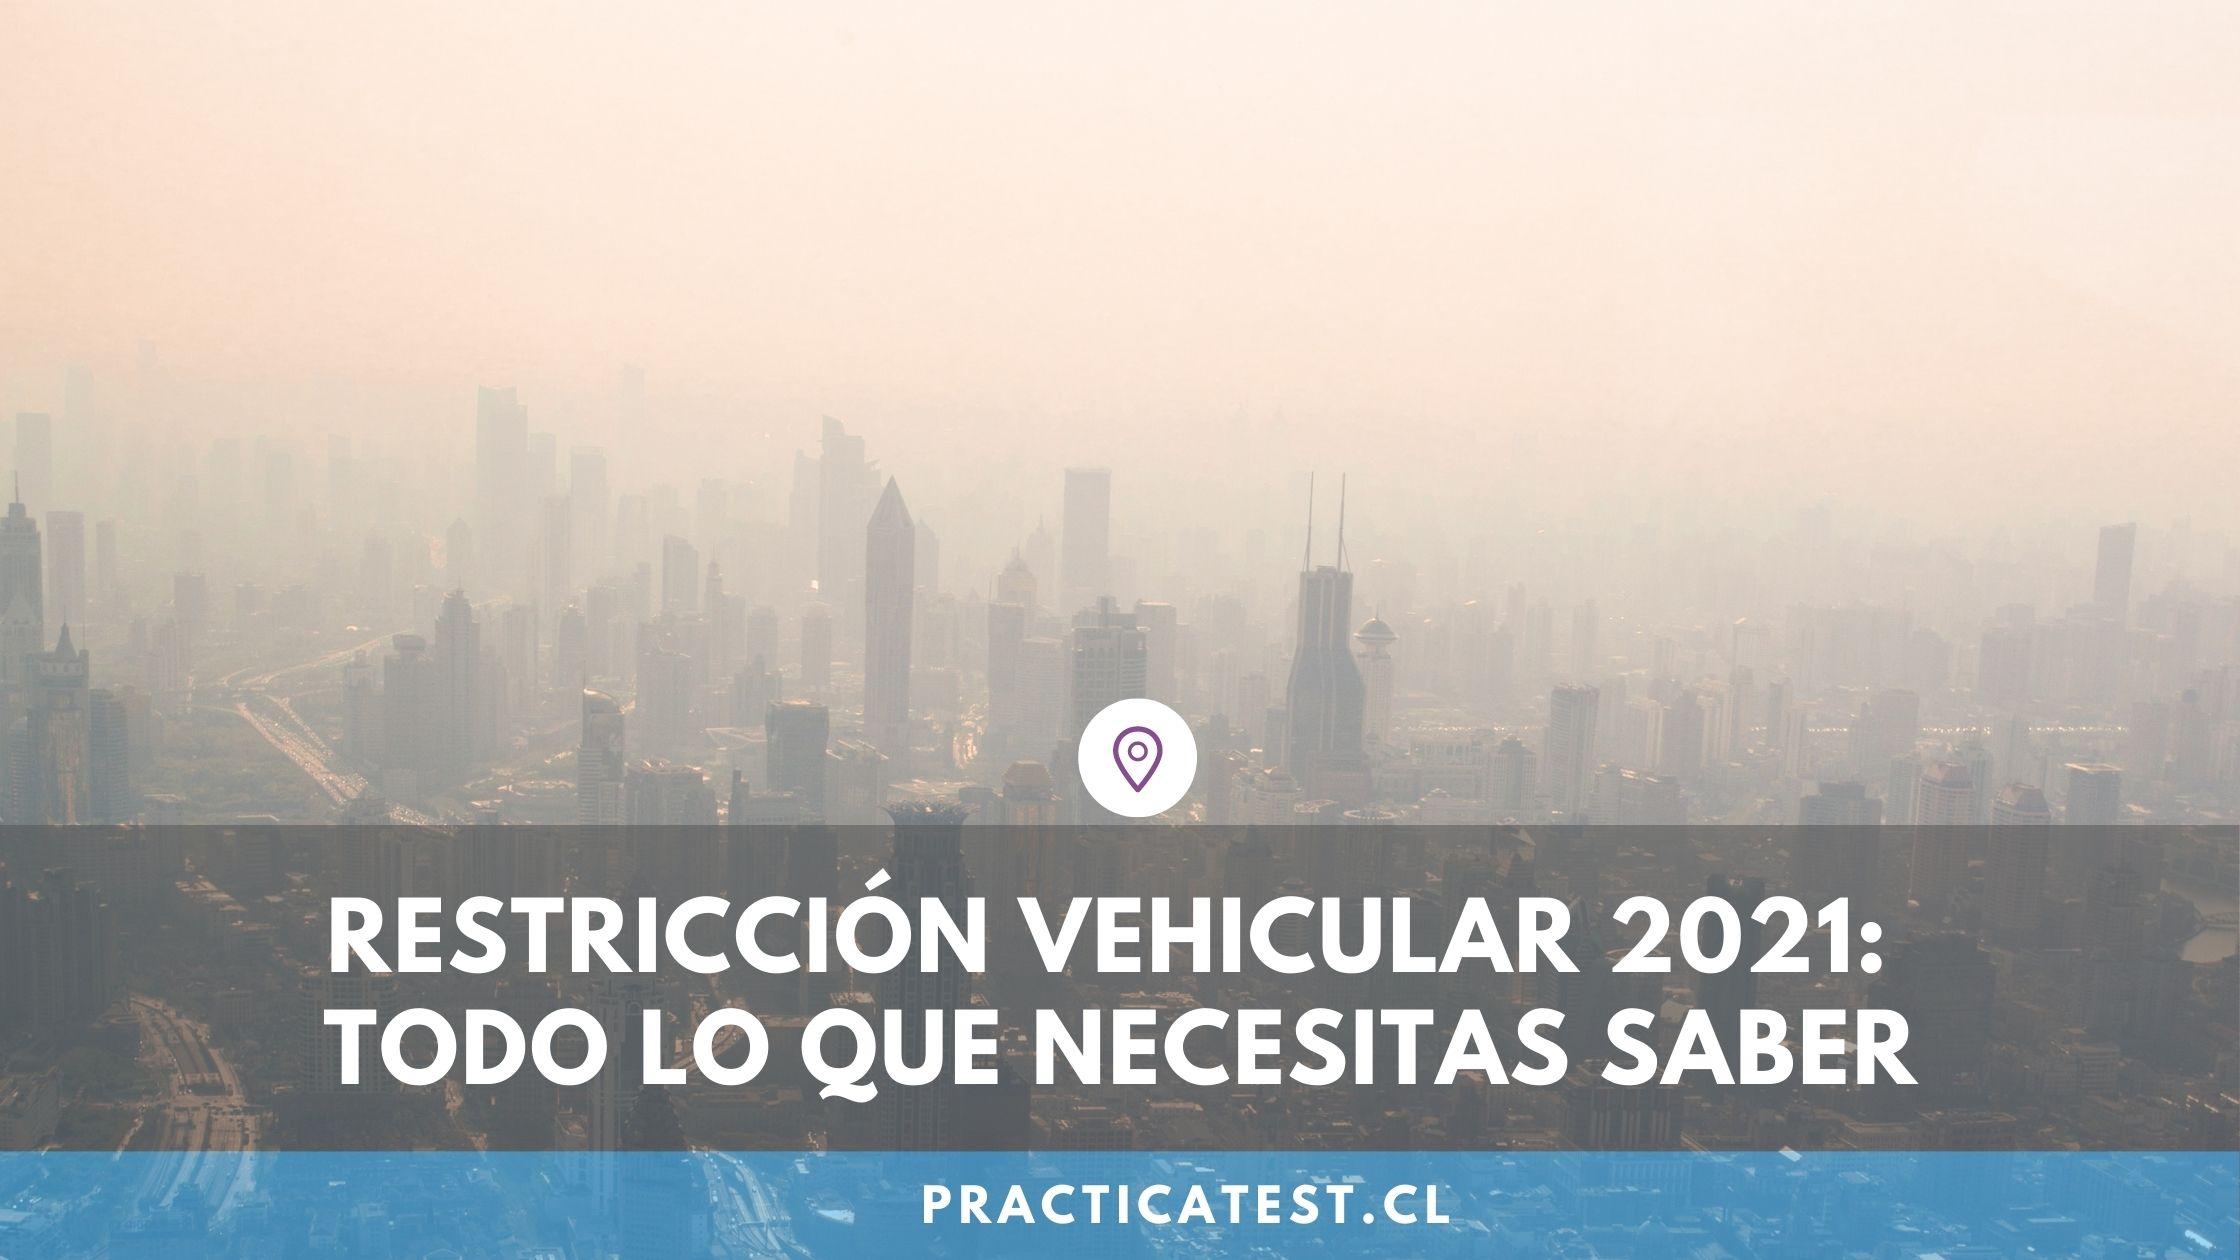 Restricción de vehículos por alta contaminación ambiental en Chile para el año 2021